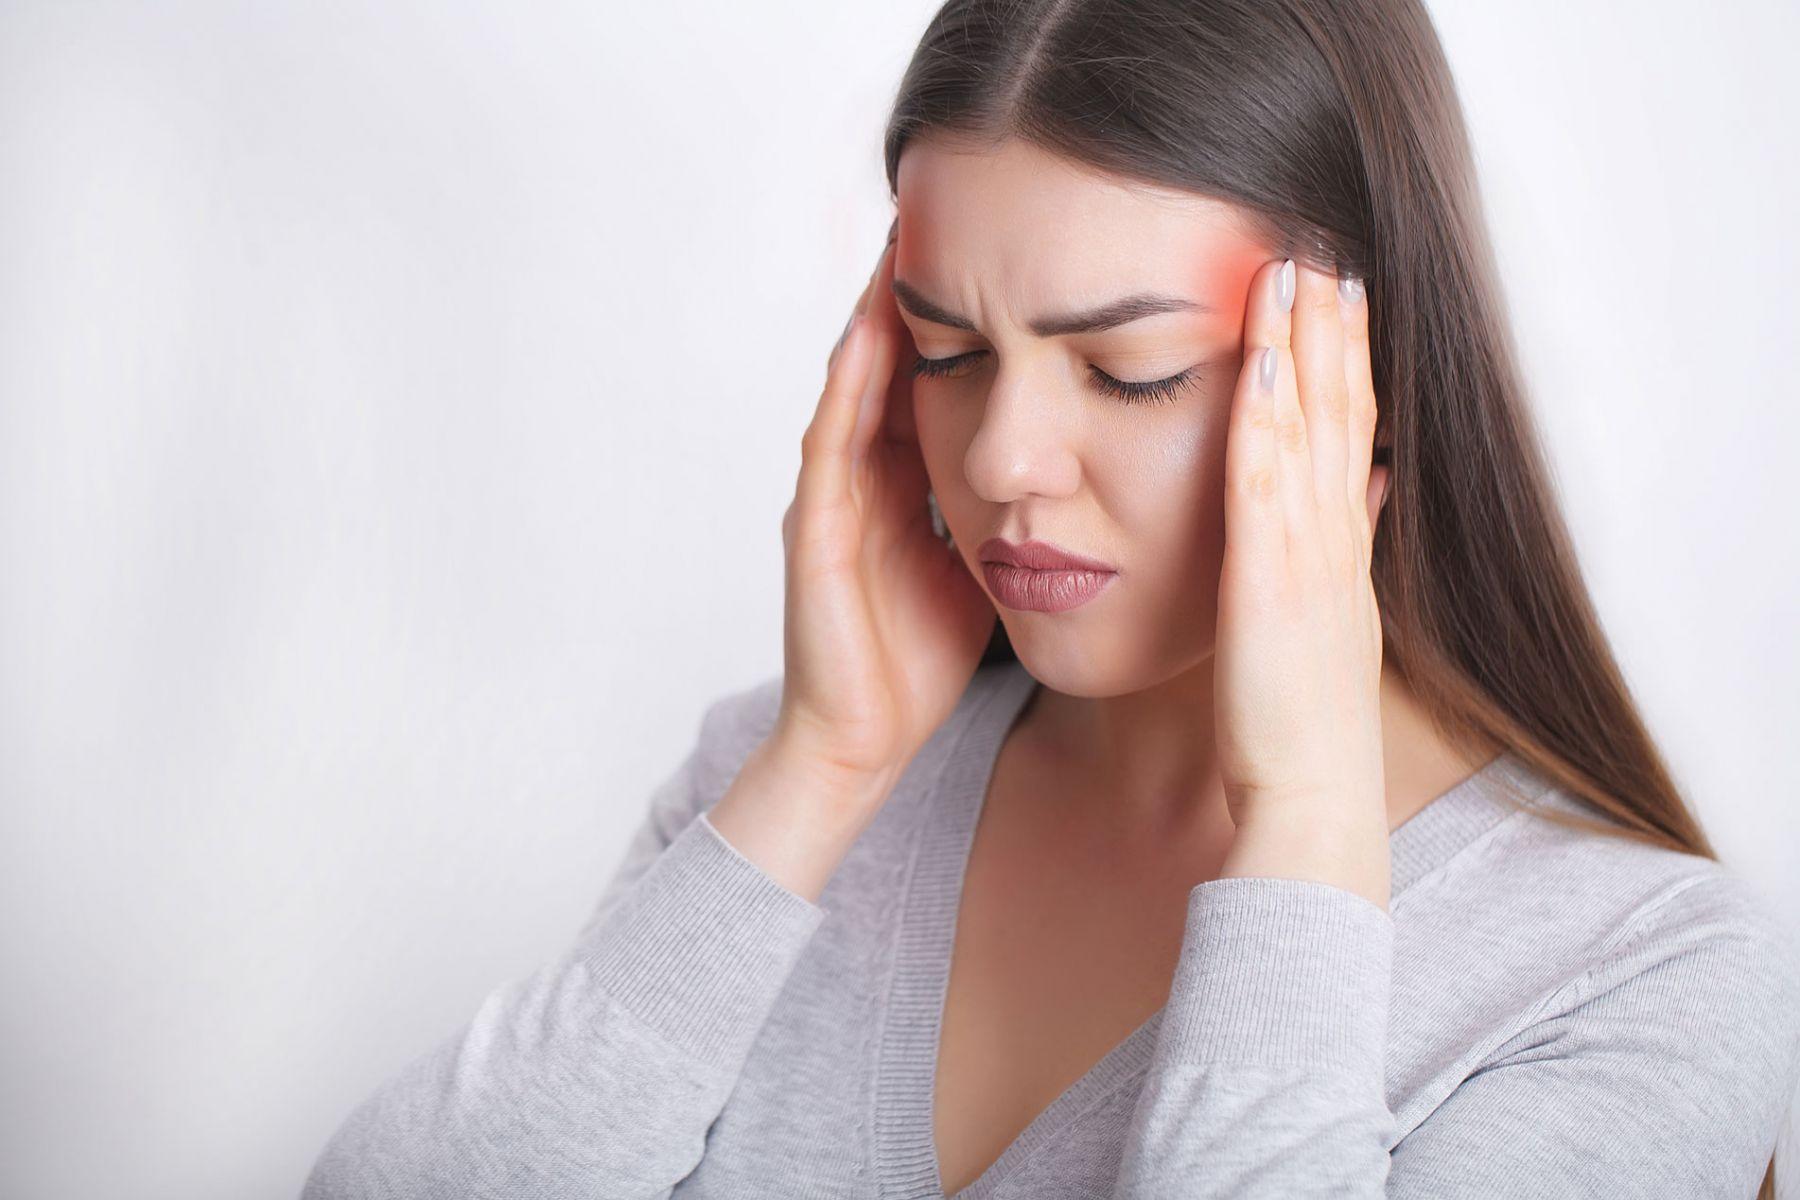 每天3分鐘動一動,告別頭痛煩腦